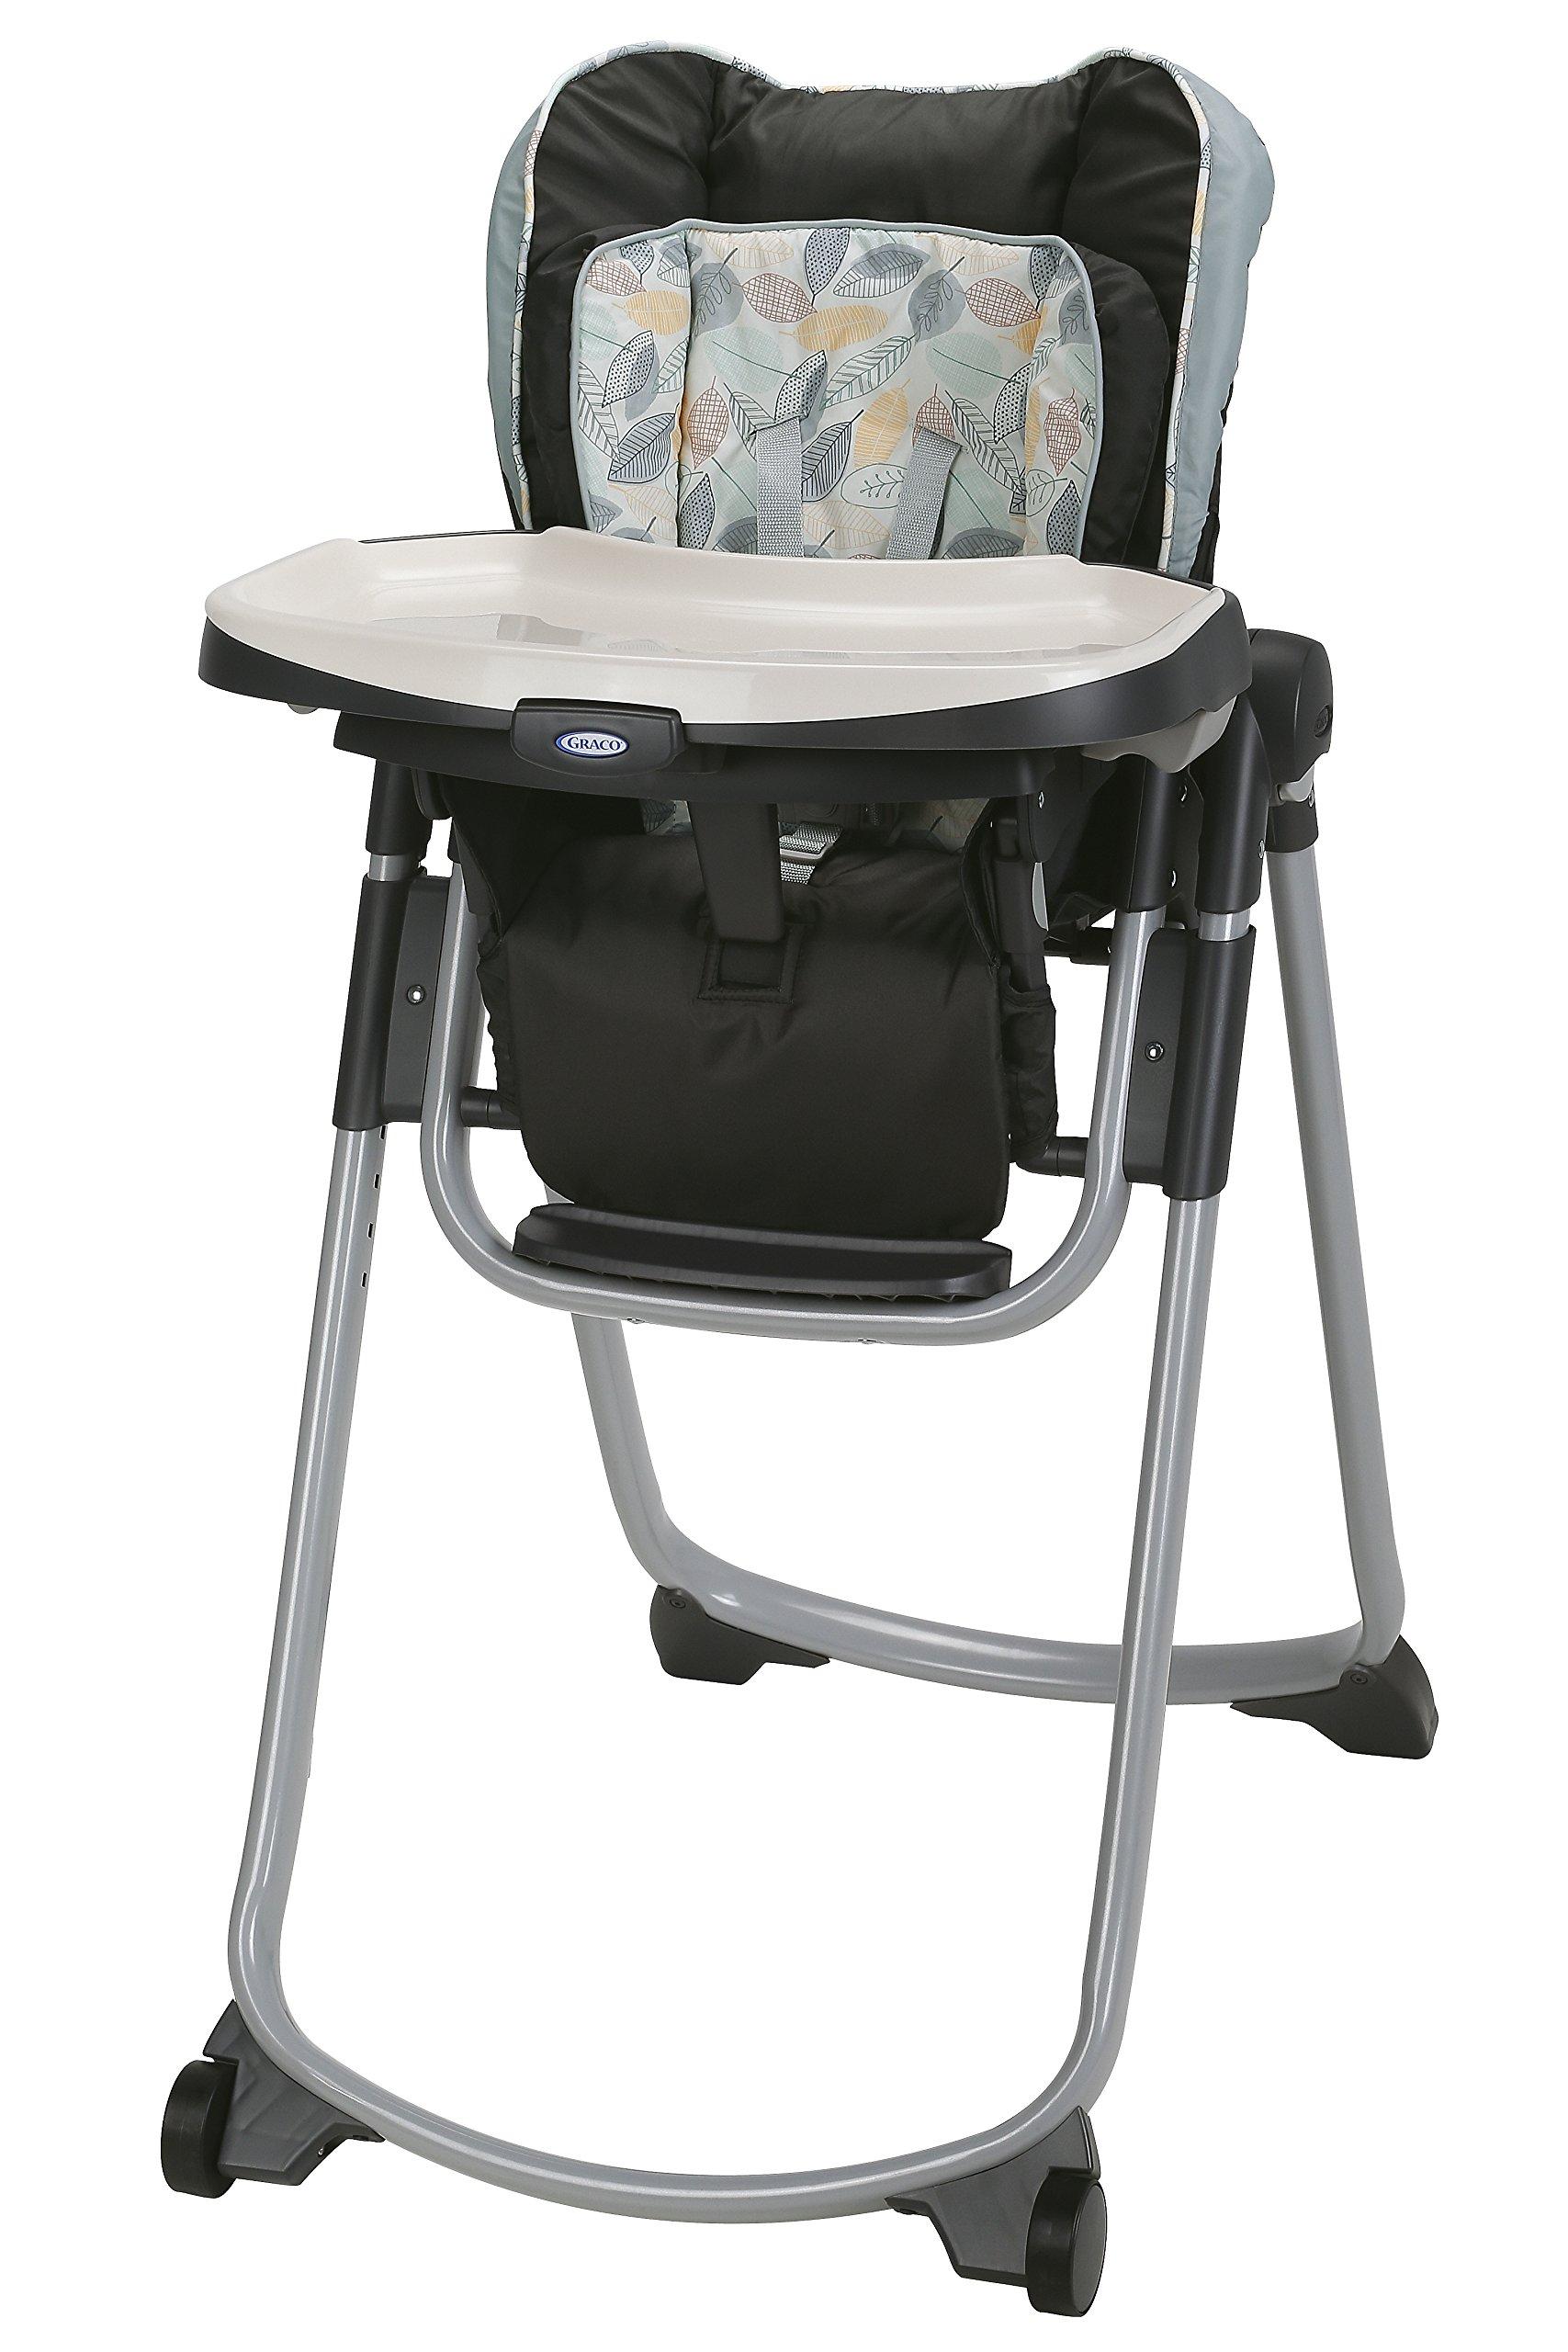 Graco Slim Spaces Folding High Chair, Trail